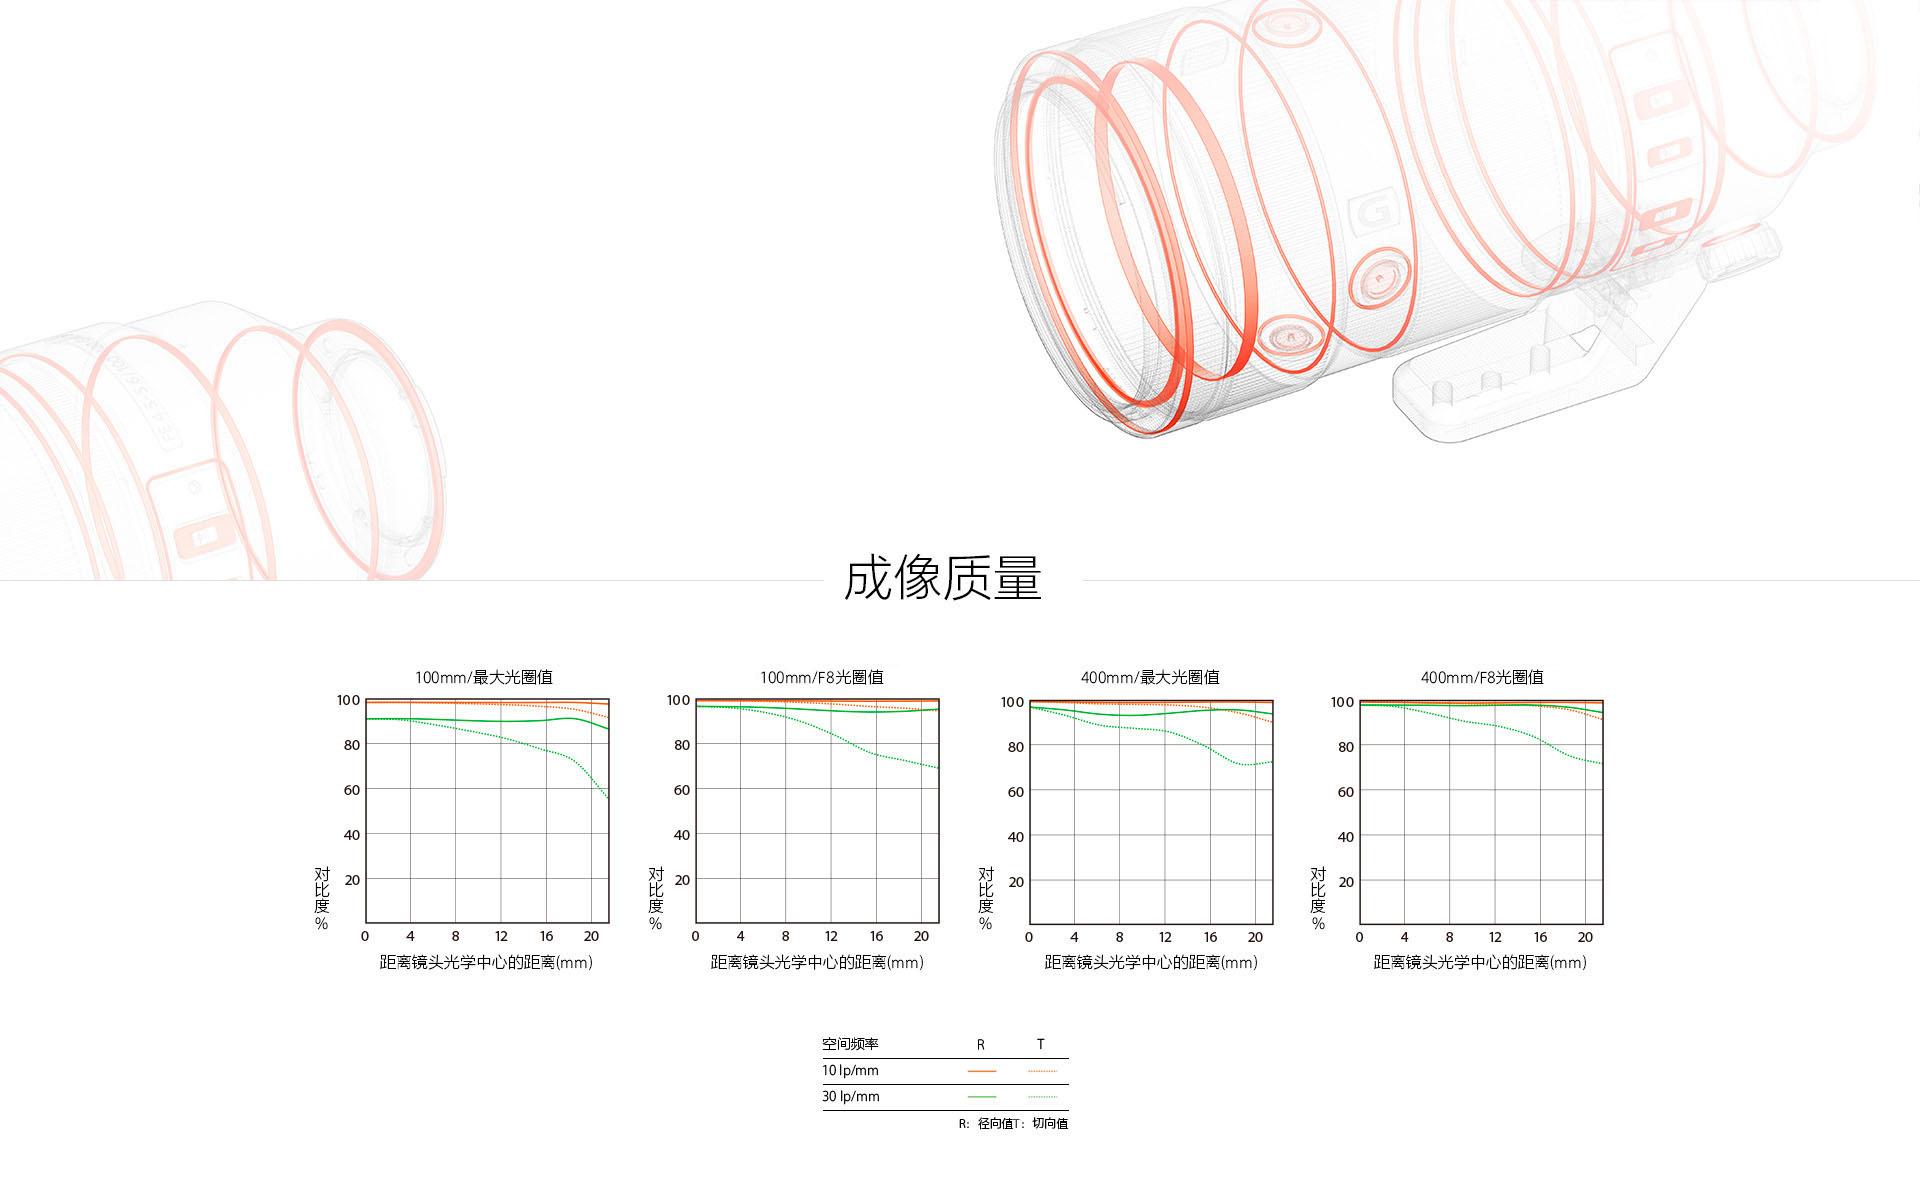 防尘防潮示意图和成像质量曲线图展示